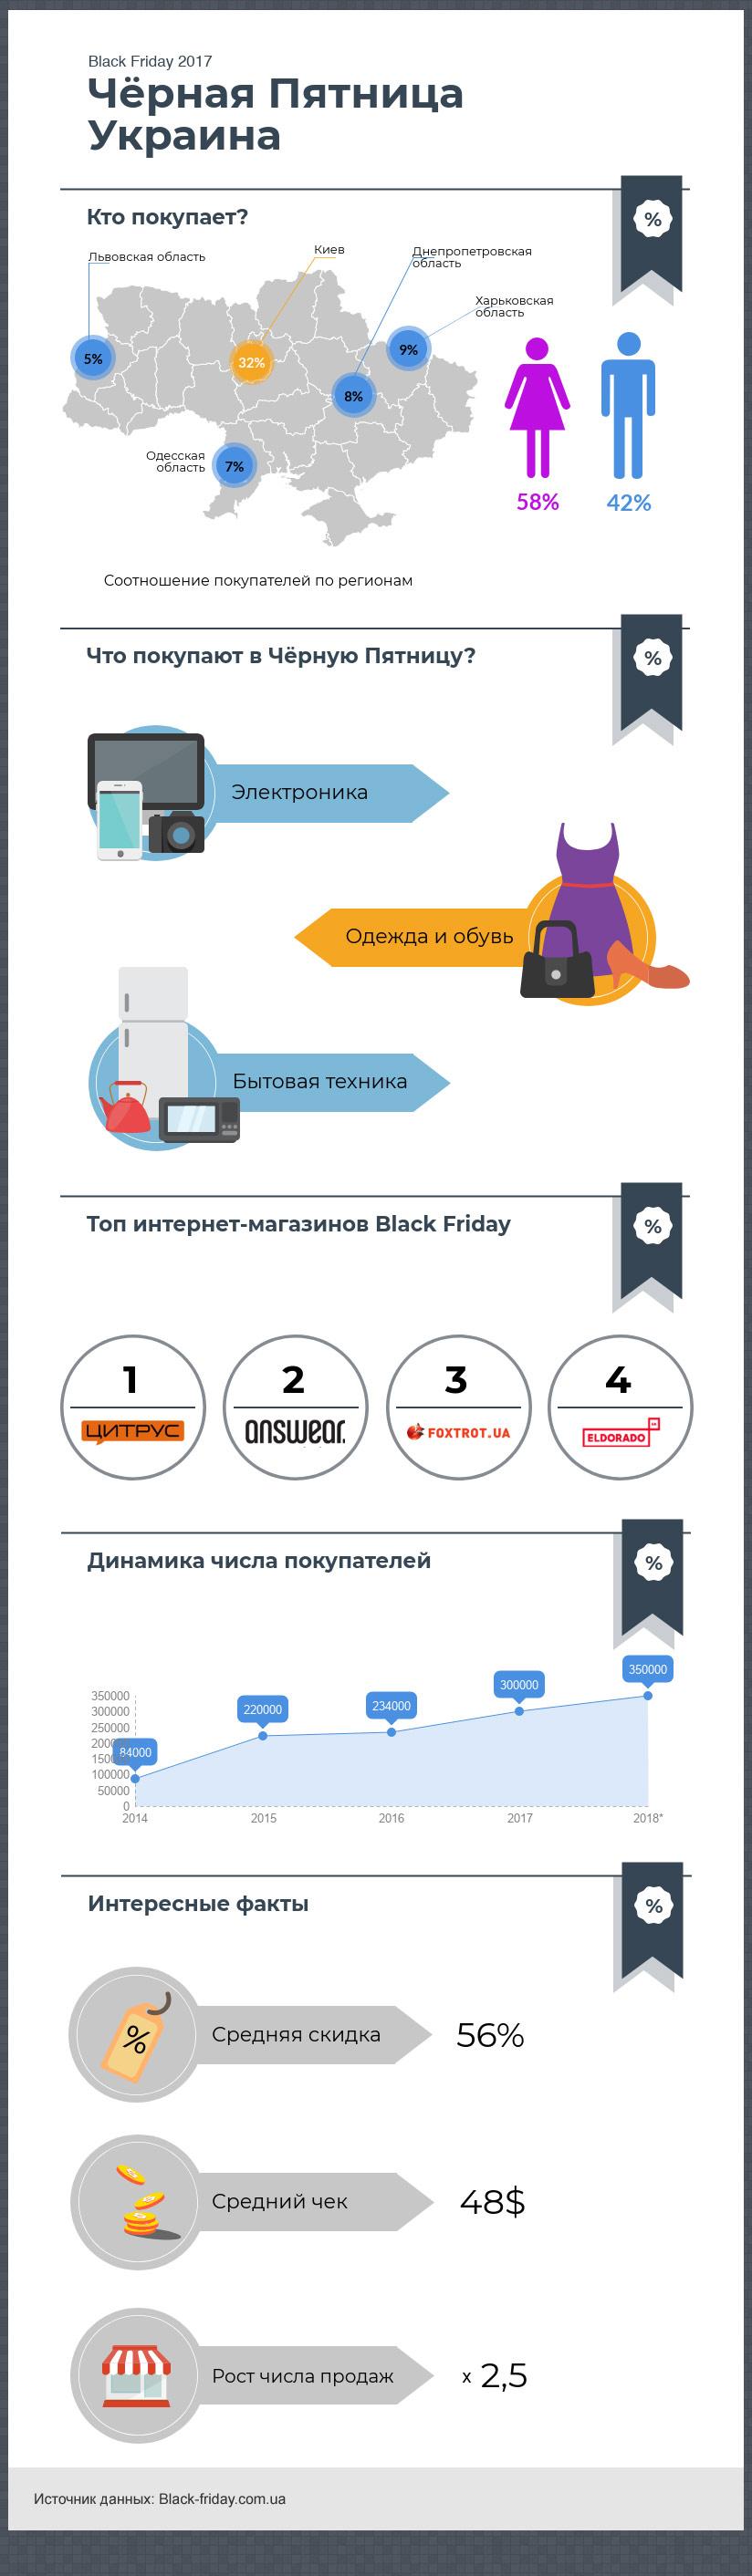 Инфографика - Черная Пятница в Украине